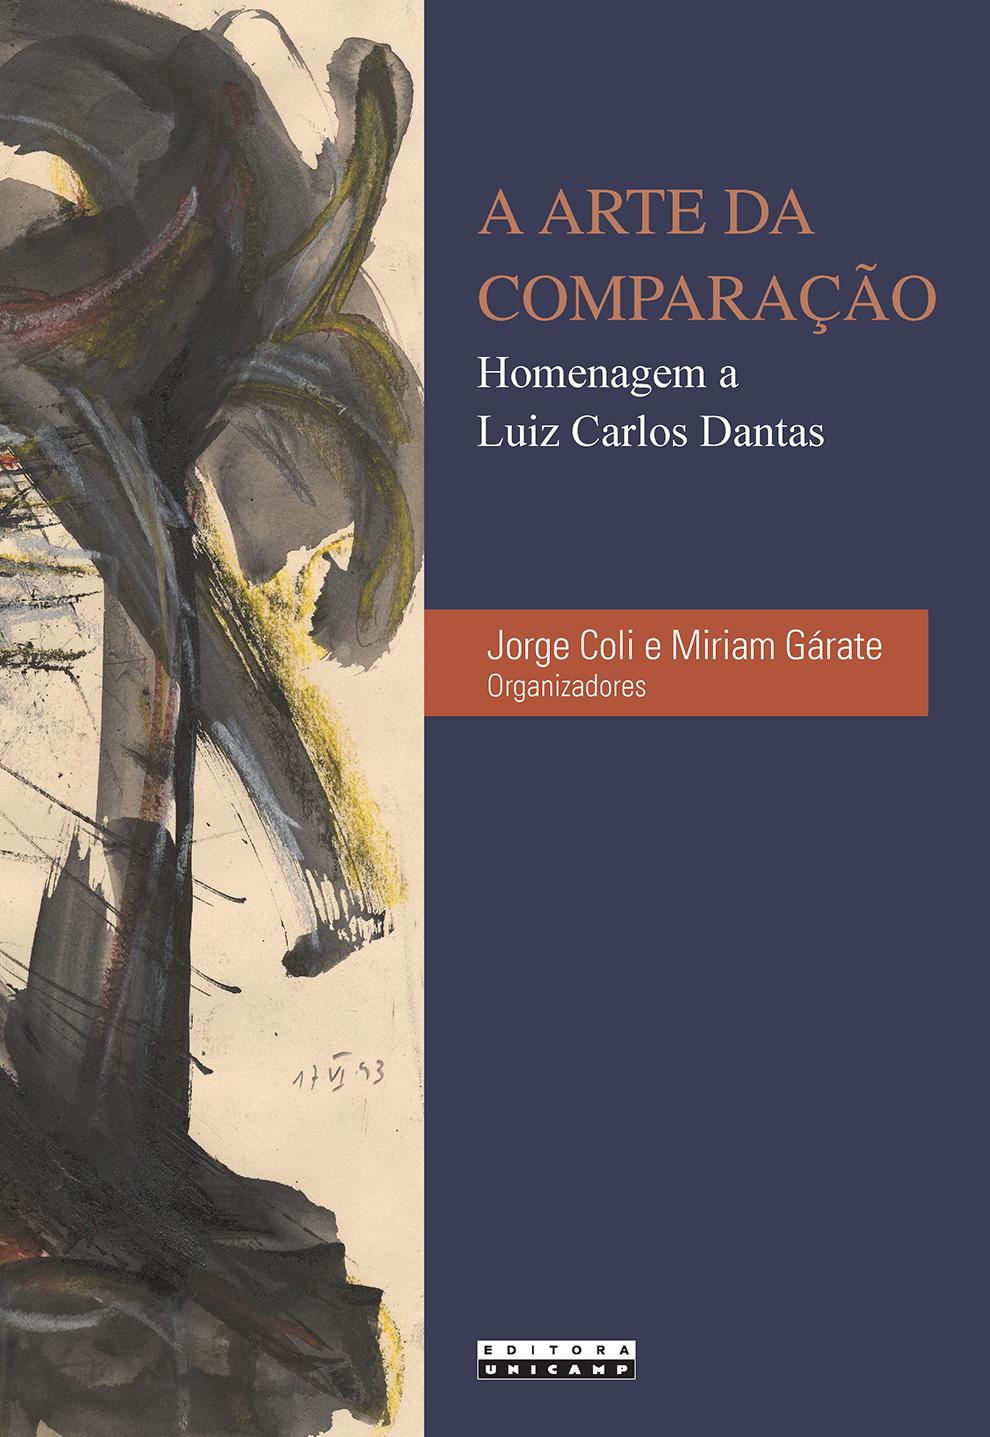 A arte da comparação, livro de Jorge Coli, Miriam Gárate (org.)